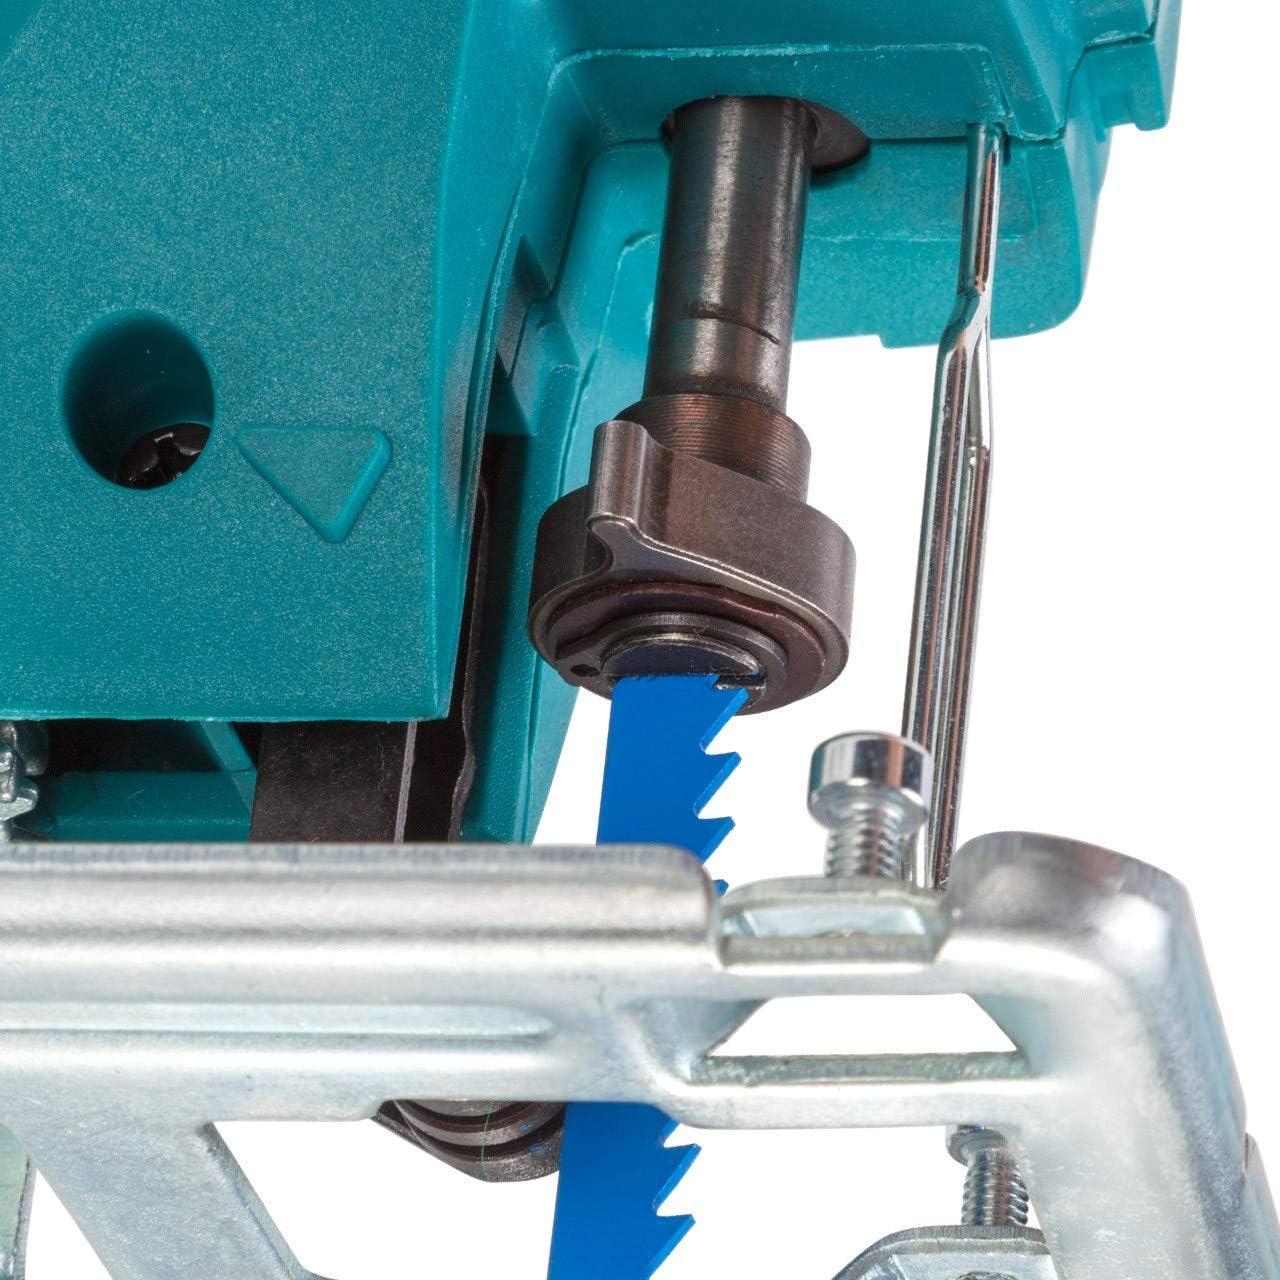 Metall 8 mm 500-3000 UpM Schnitttiefe: Holz 65 mm Bort Stichs/äge BPS-700X-Q 650 Watt elektronischer Drehzahlregelung Pendelhubstichs/äge